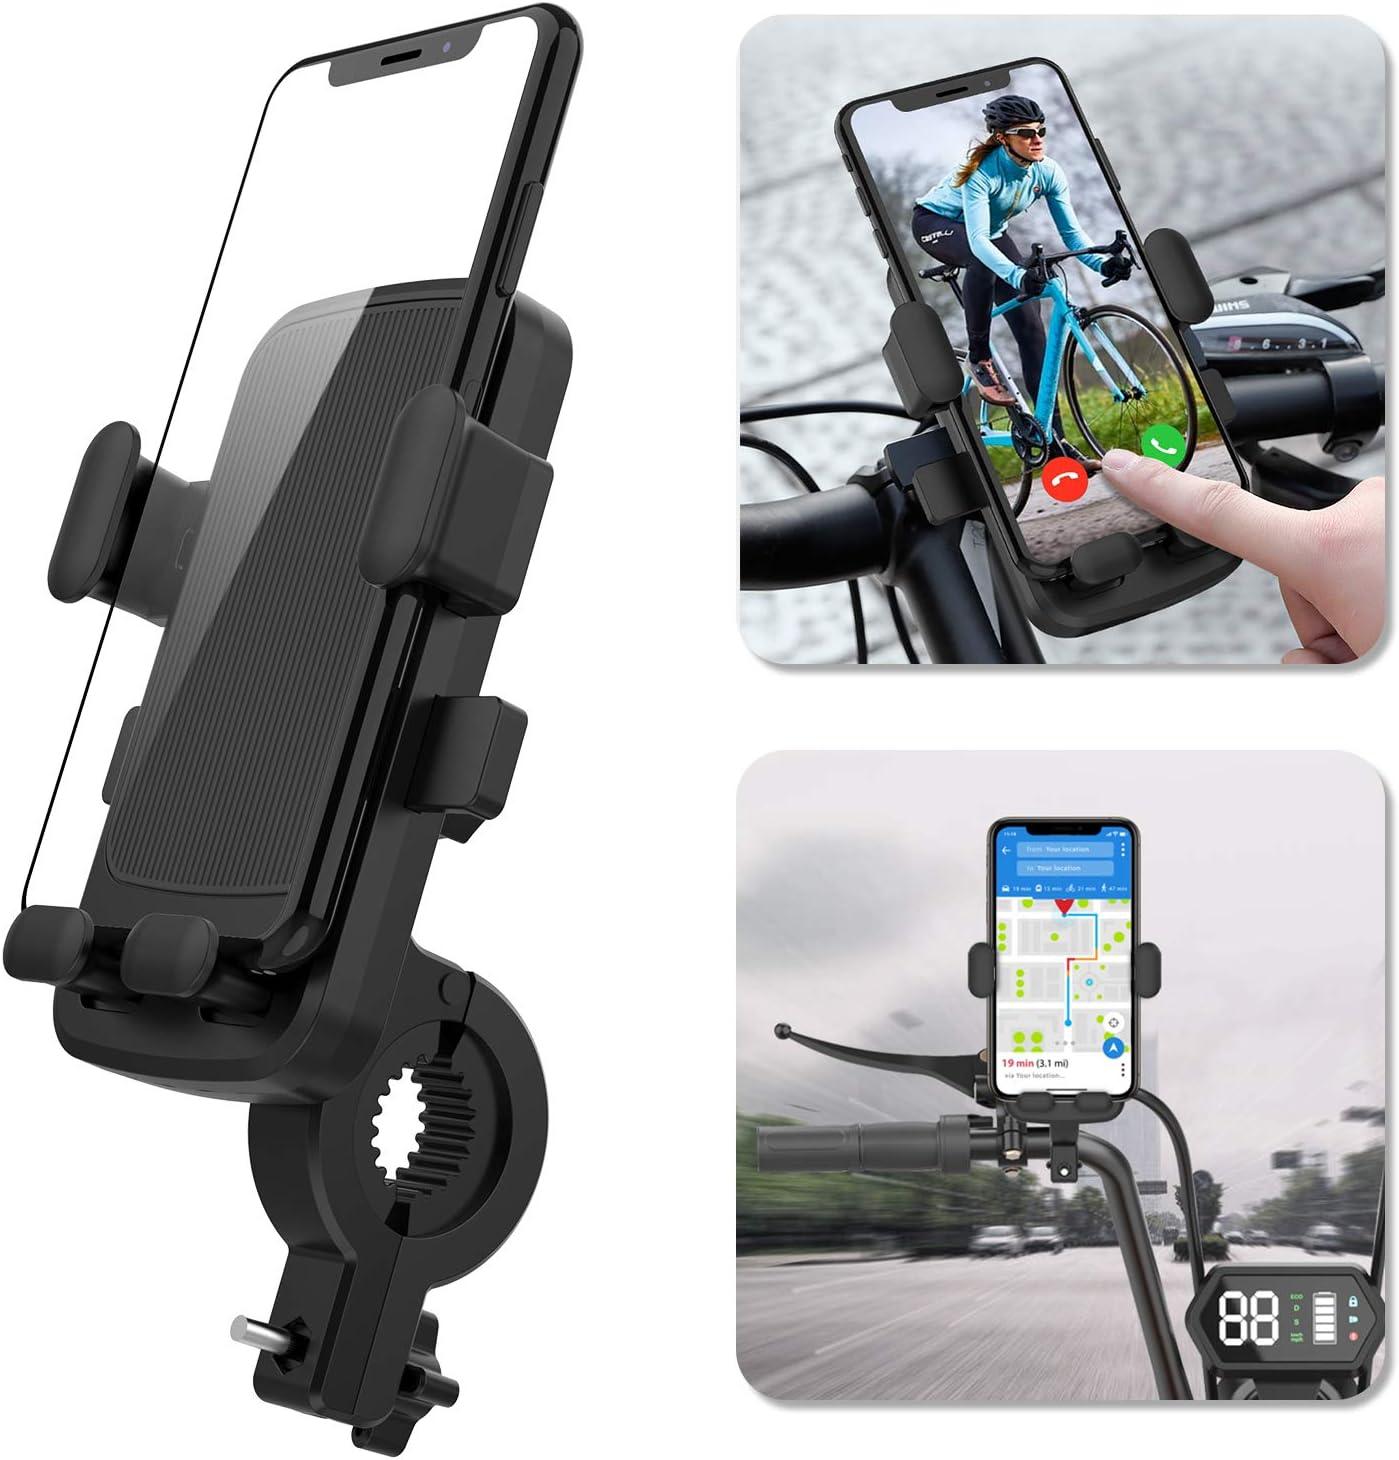 Ossky Soporte Movil Bici,Universal Rotación 360°Soportes Movil para Moto Bicicleta,Anti Vibración Porta Telefono Motocicleta para iPhone SE 2020/11 Pro MAX/XR,Samsung S20 etc y Otro 4.7-6.5